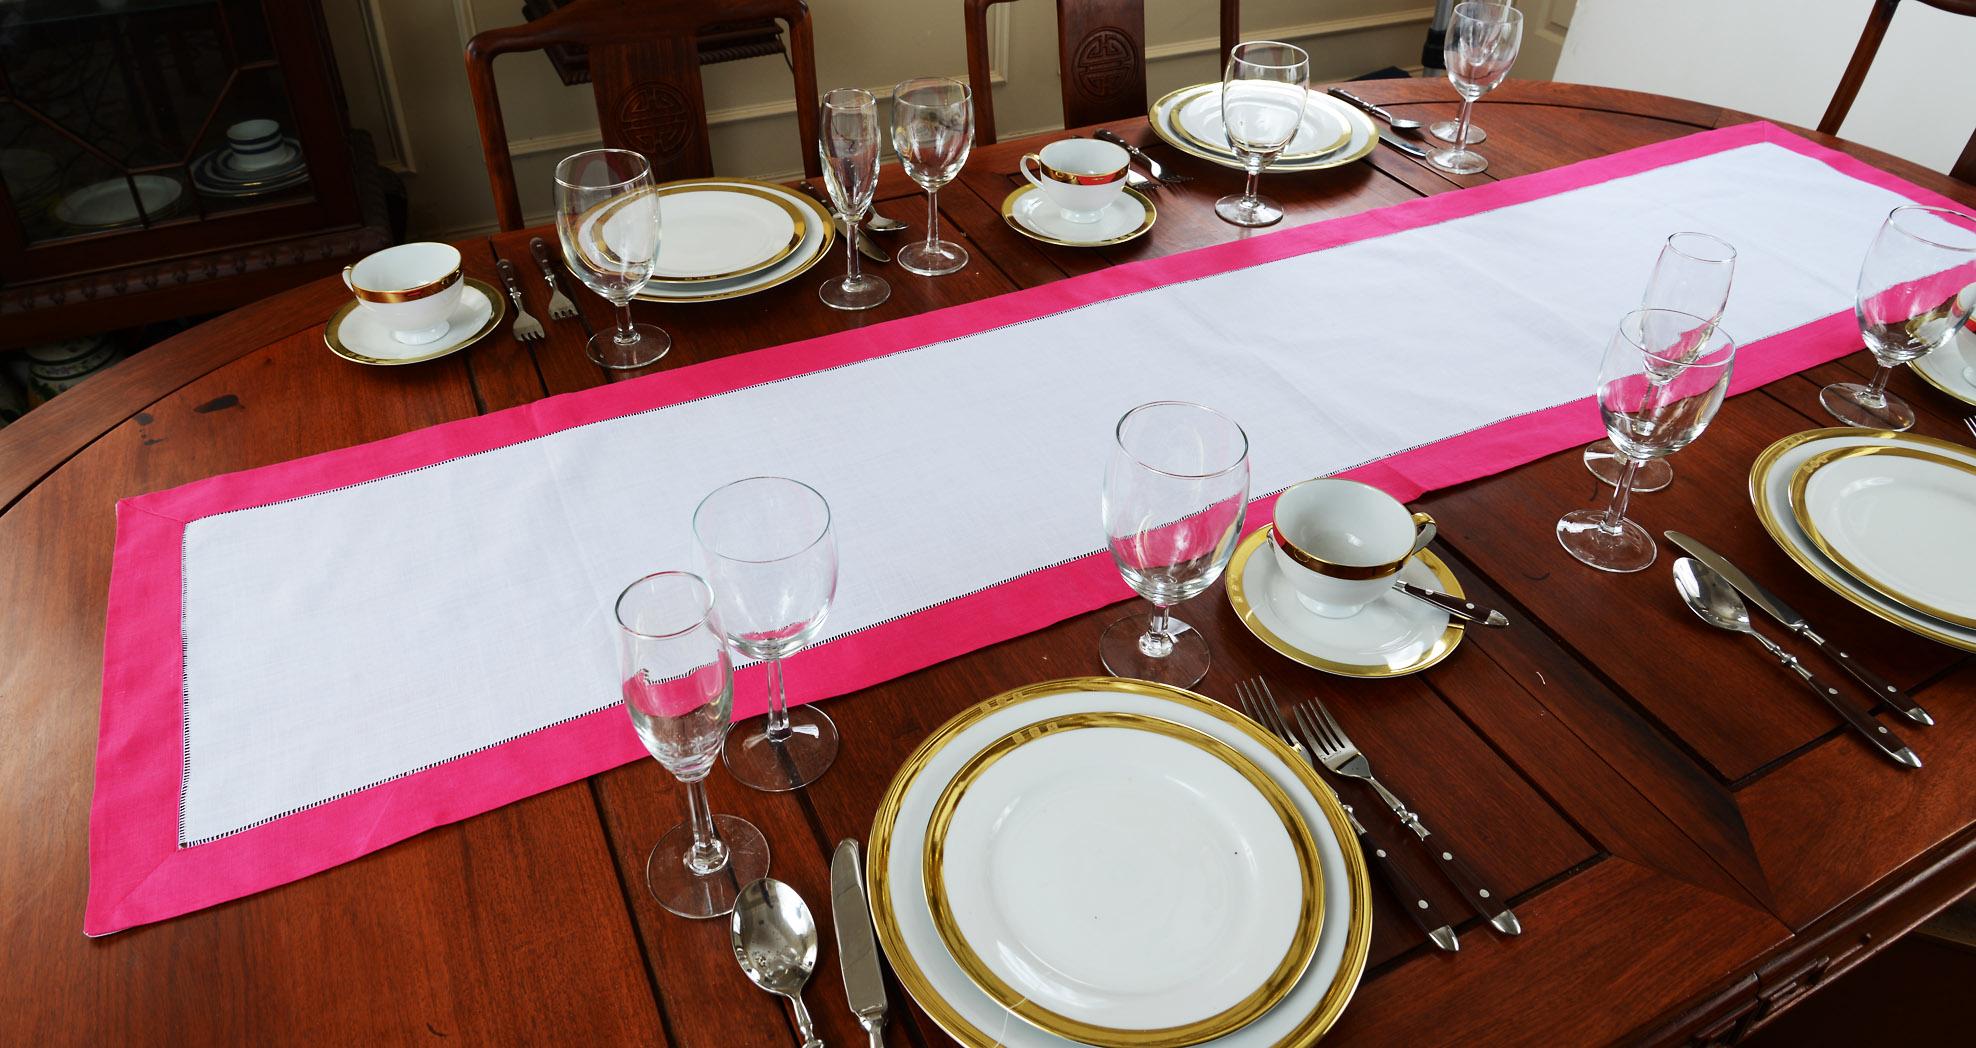 fuchsia Pink border Hemstittch Table Runner